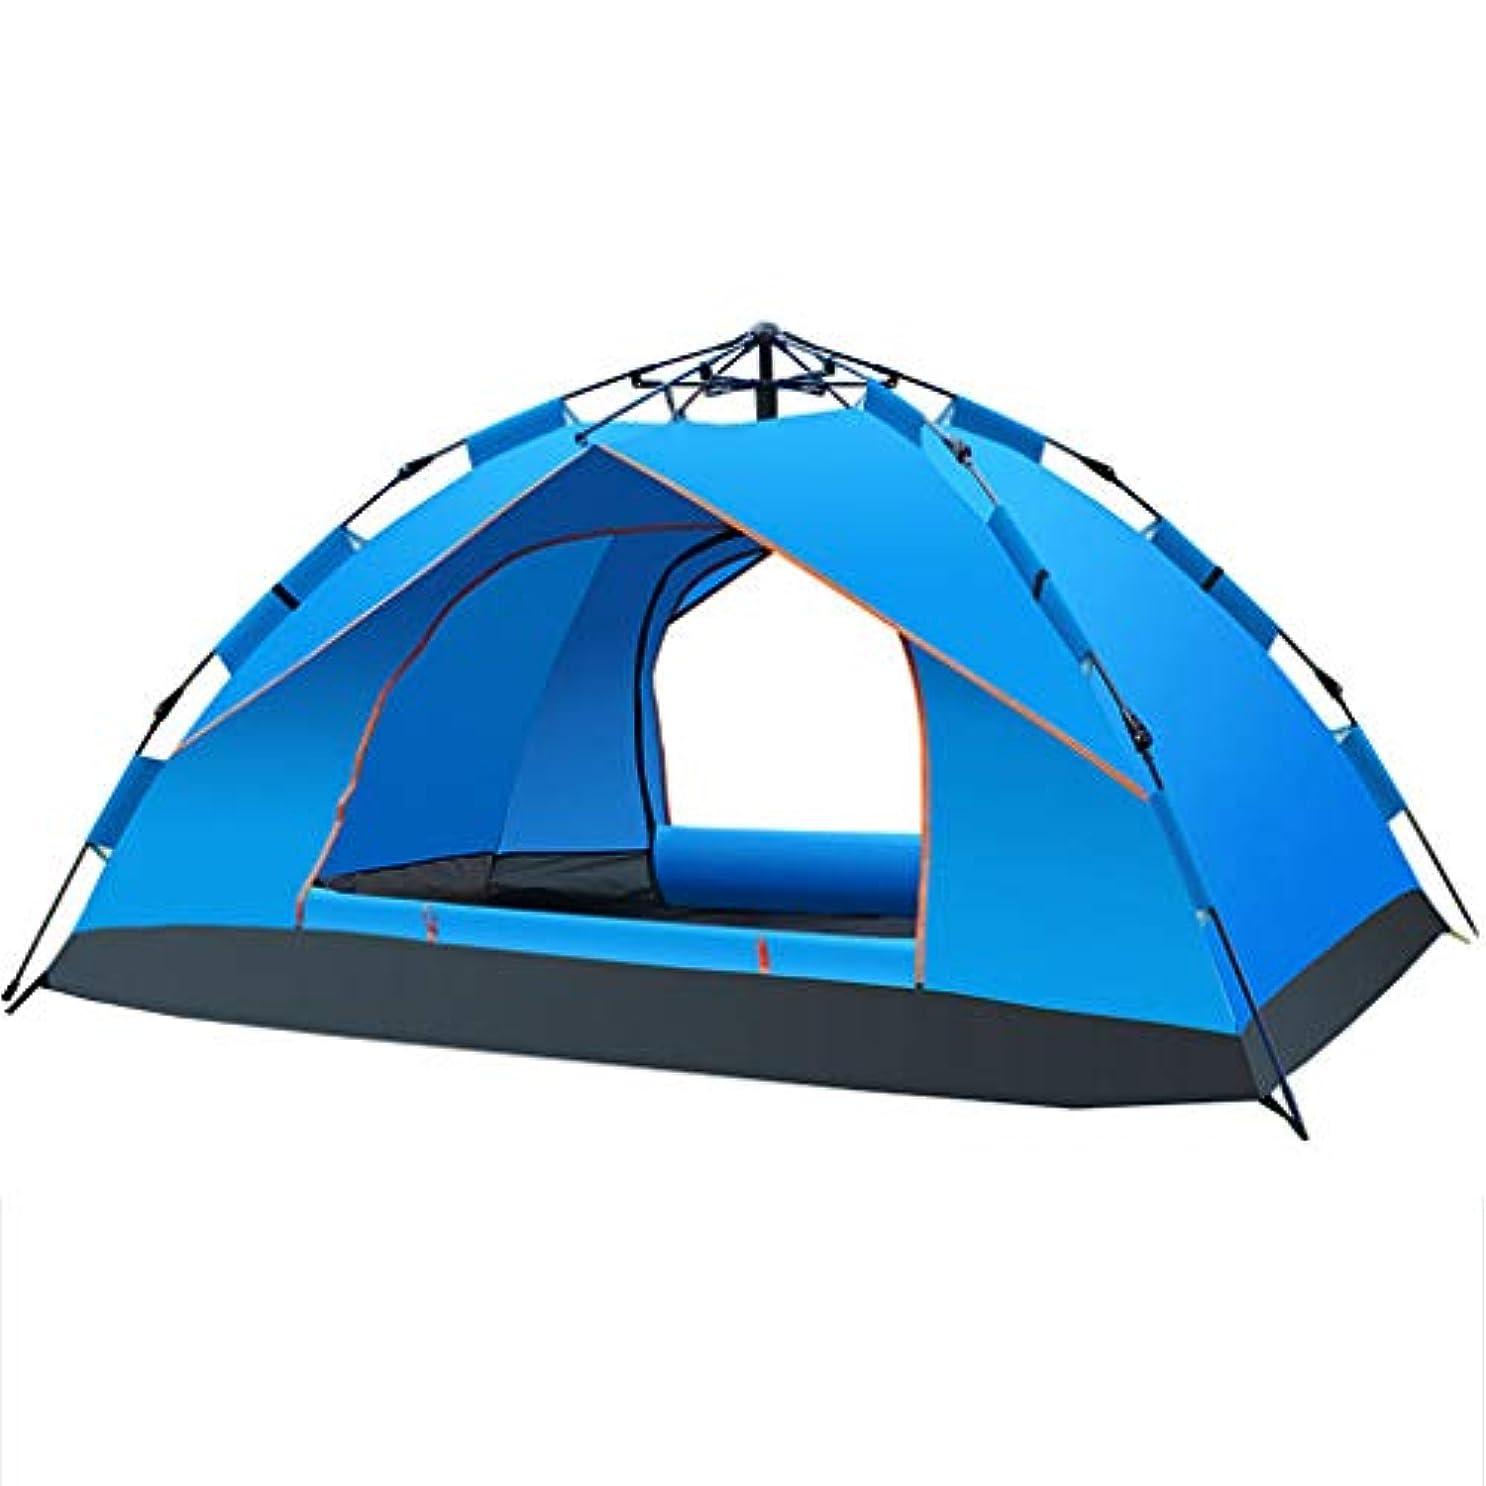 主婦奇跡バイバイキャンプテント2人ポップアップ、簡単防水軽量インスタント自動テント、ビーチファミリー屋外ガーデン釣りピクニック、丈夫なブルー